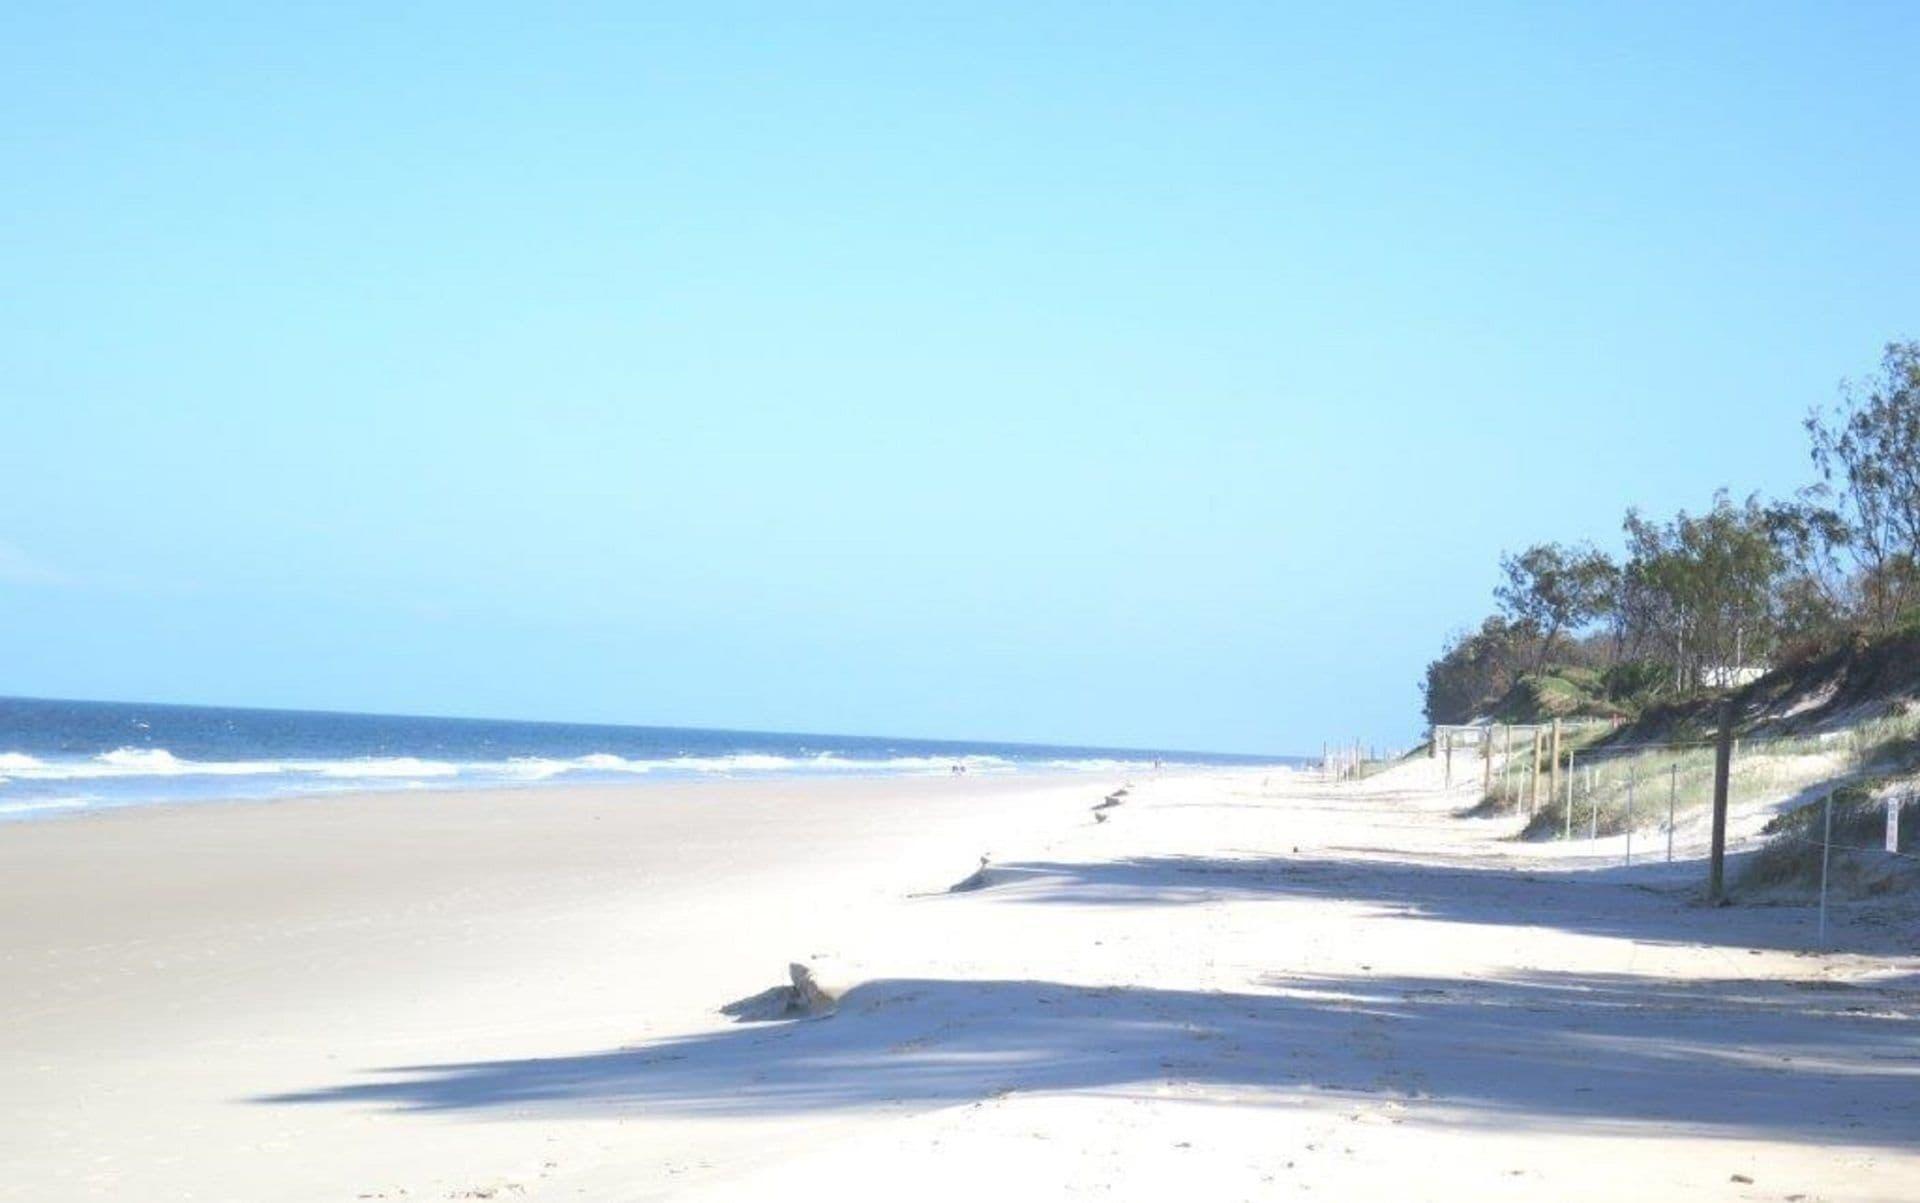 Pet Friendly Home Walking Distance to Surf Beach - North St, Woorim